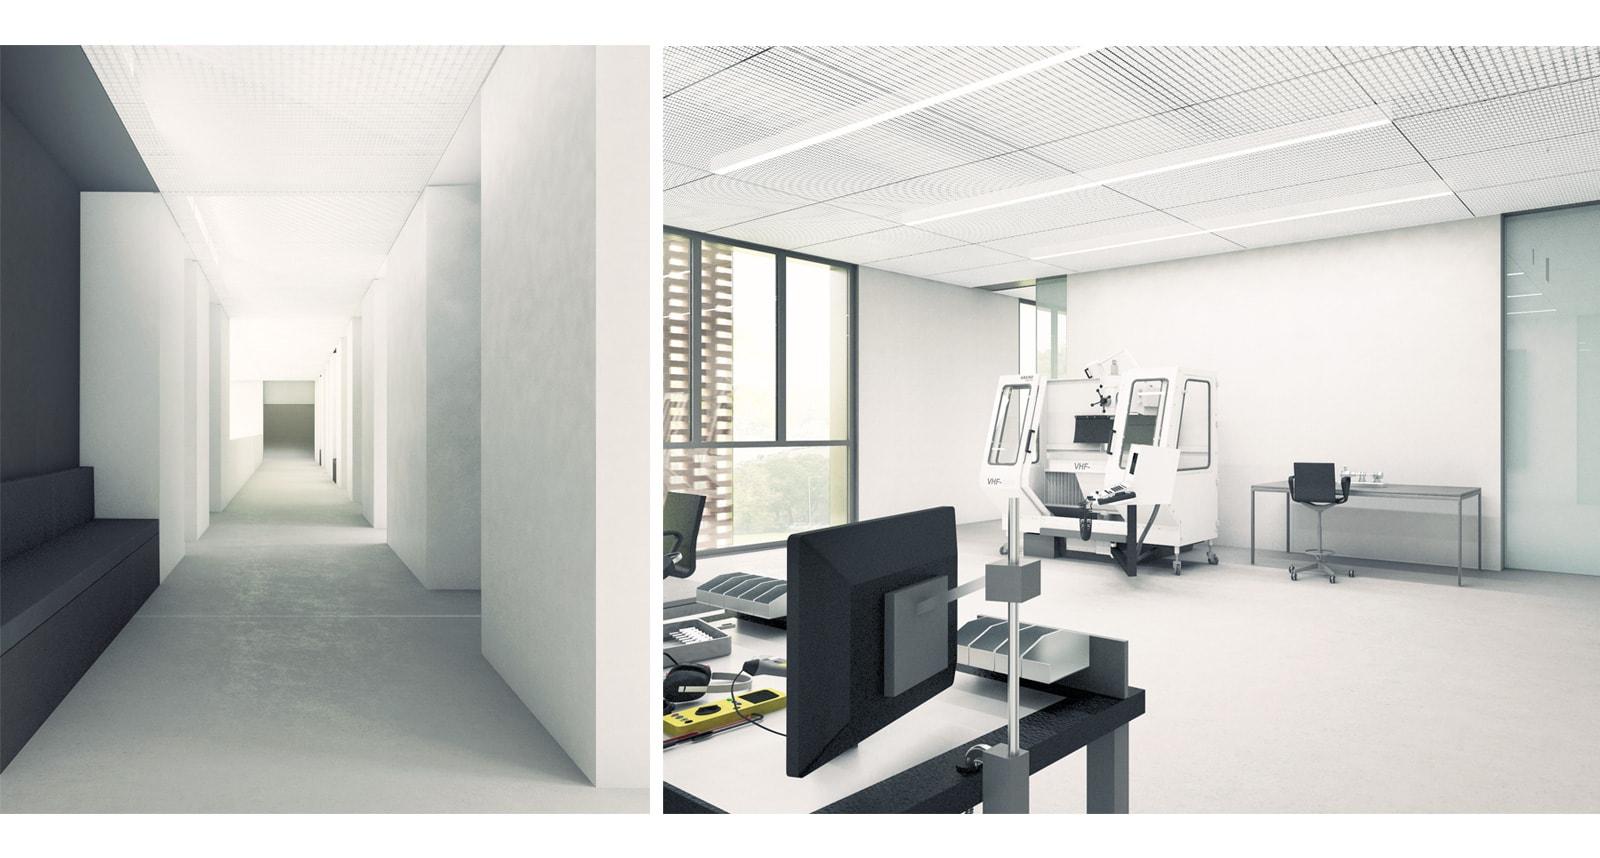 scuole-innovative-ferrara-interiors-01